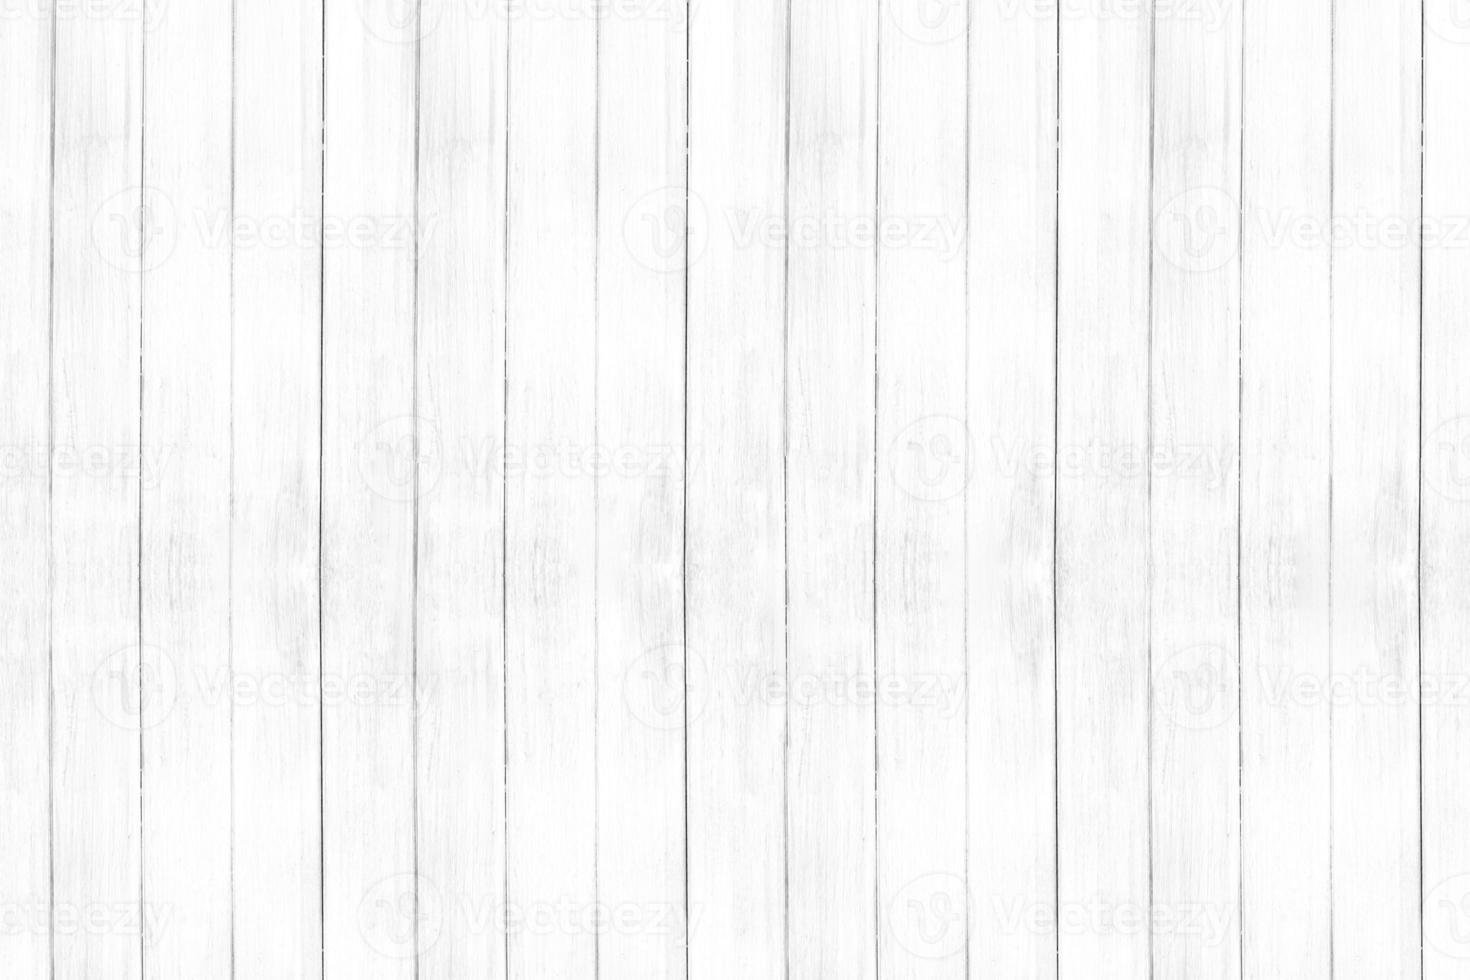 witte houtstructuur muur achtergrond foto